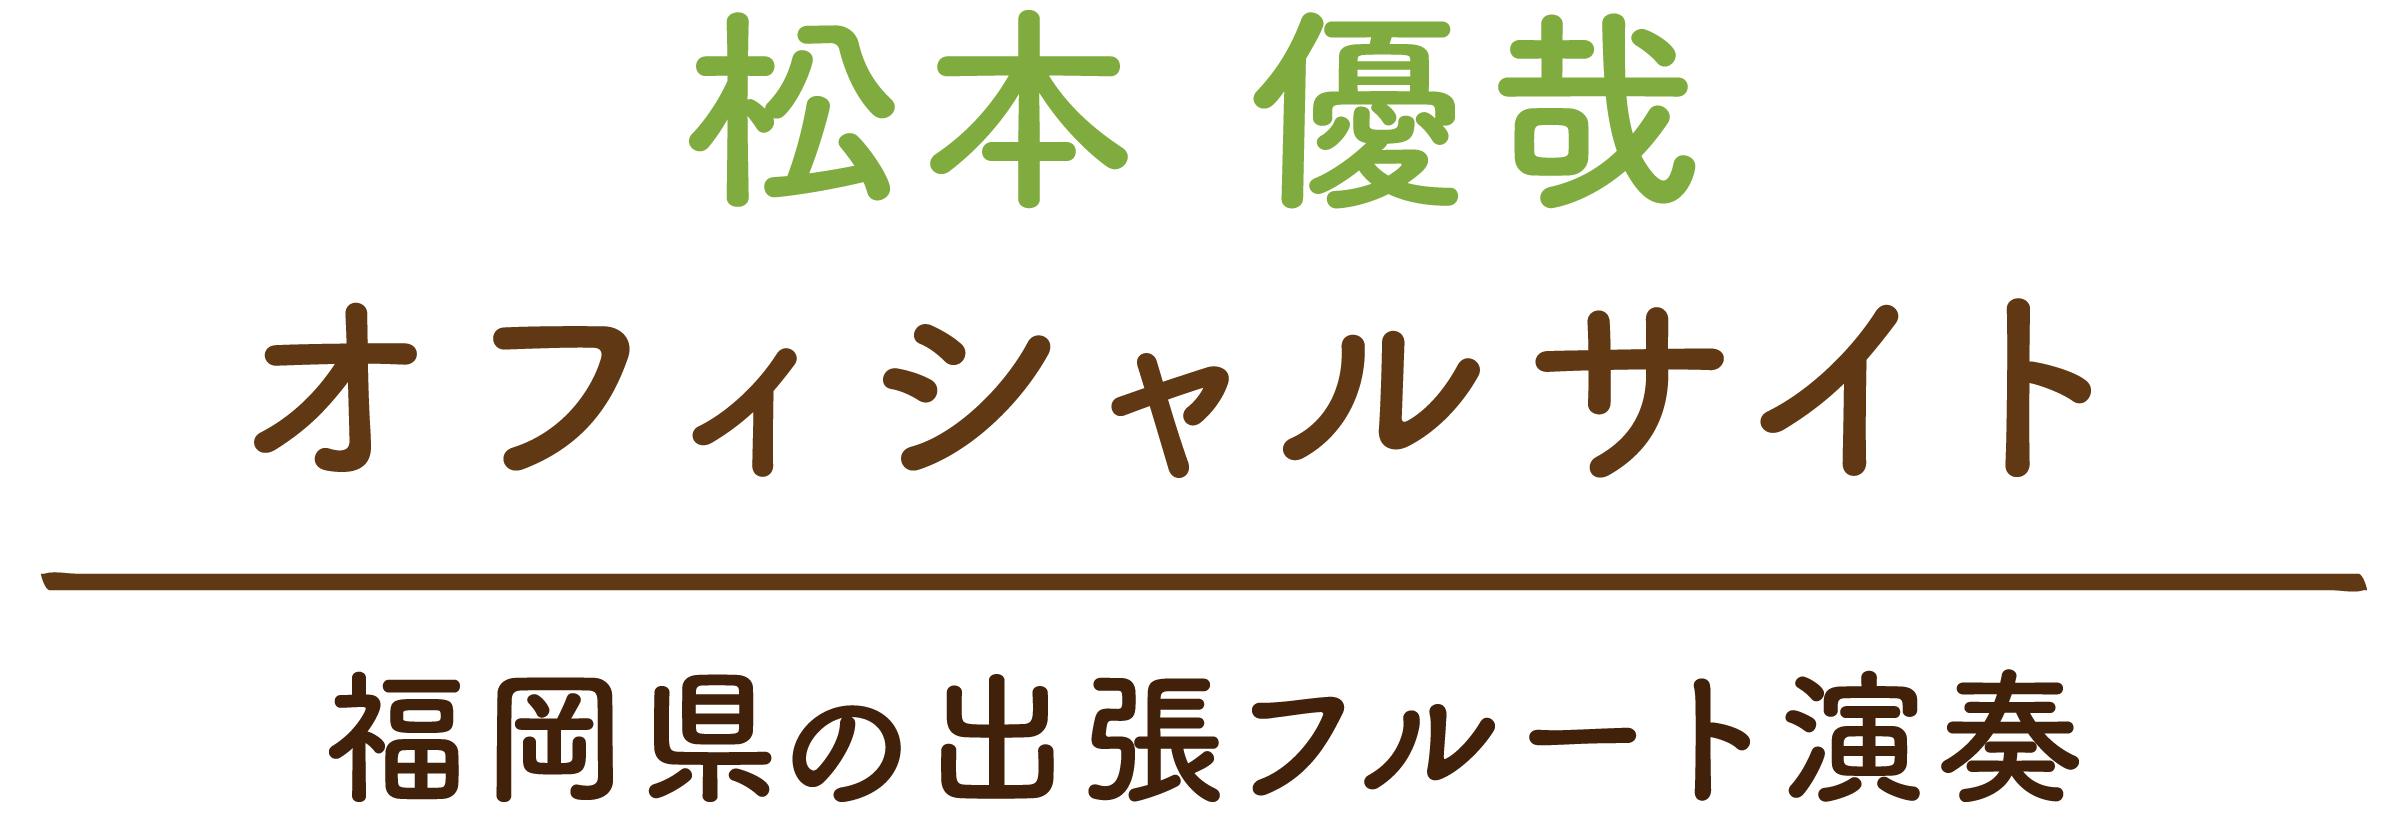 松本優哉 オフィシャルサイト